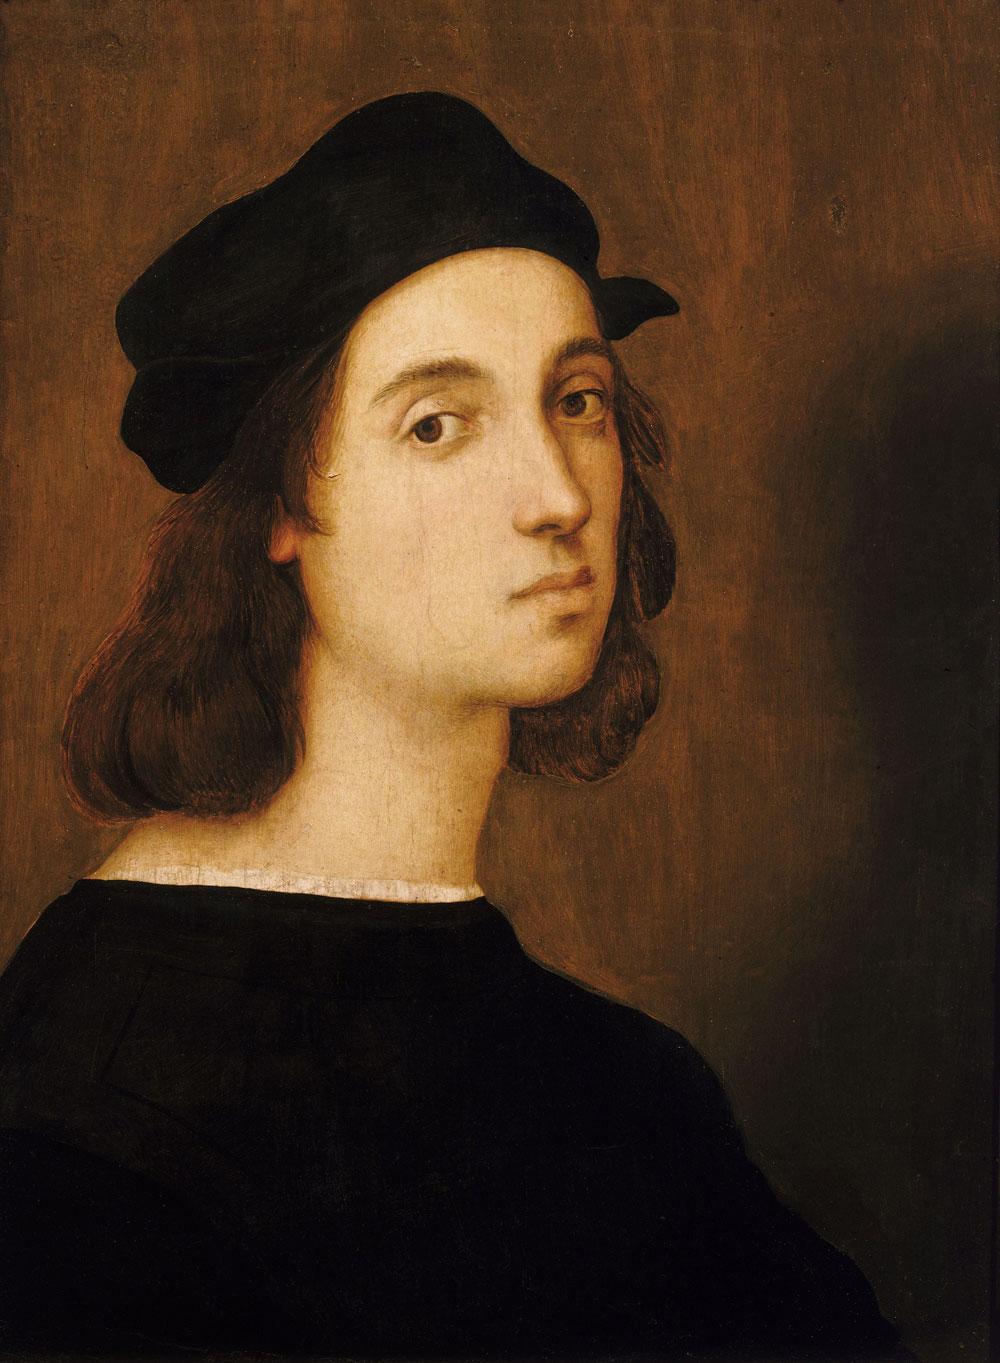 Dopo la mostra a San Francisco, torna a Firenze l'Autoritratto di Raffaello